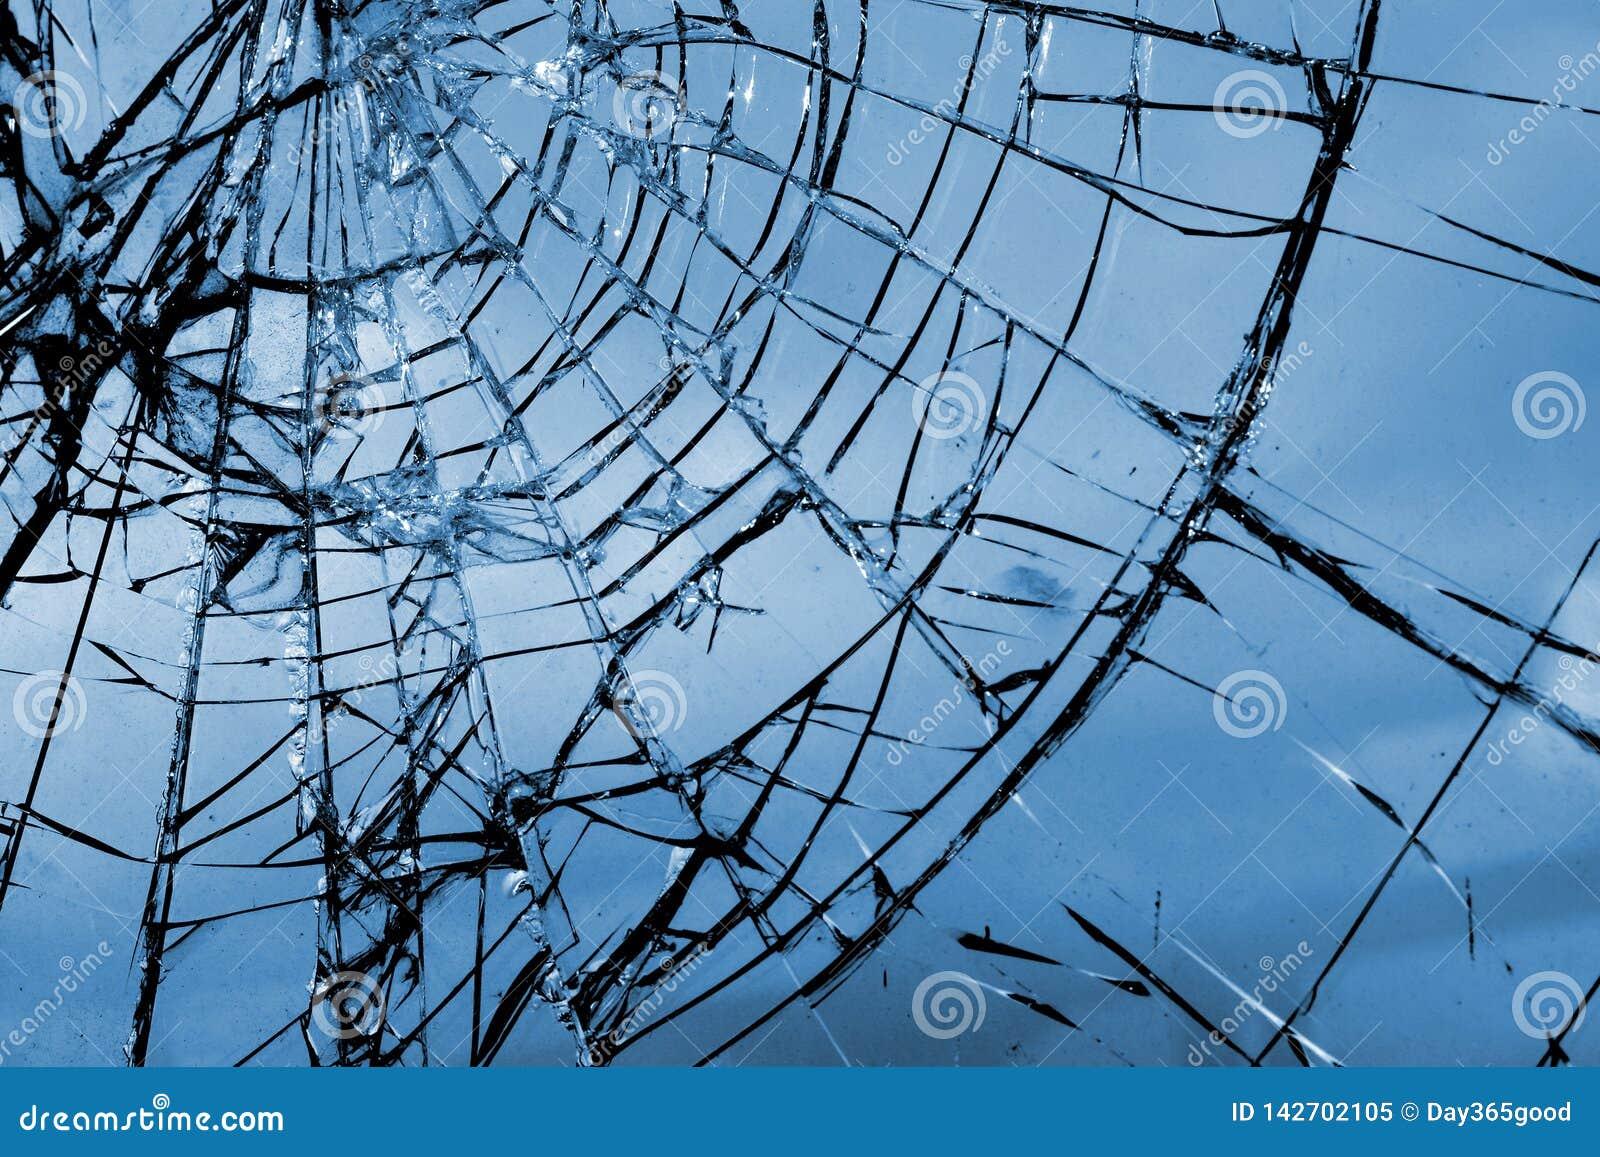 Vidro quebrado Quebras da grade no vidro como teias de aranha